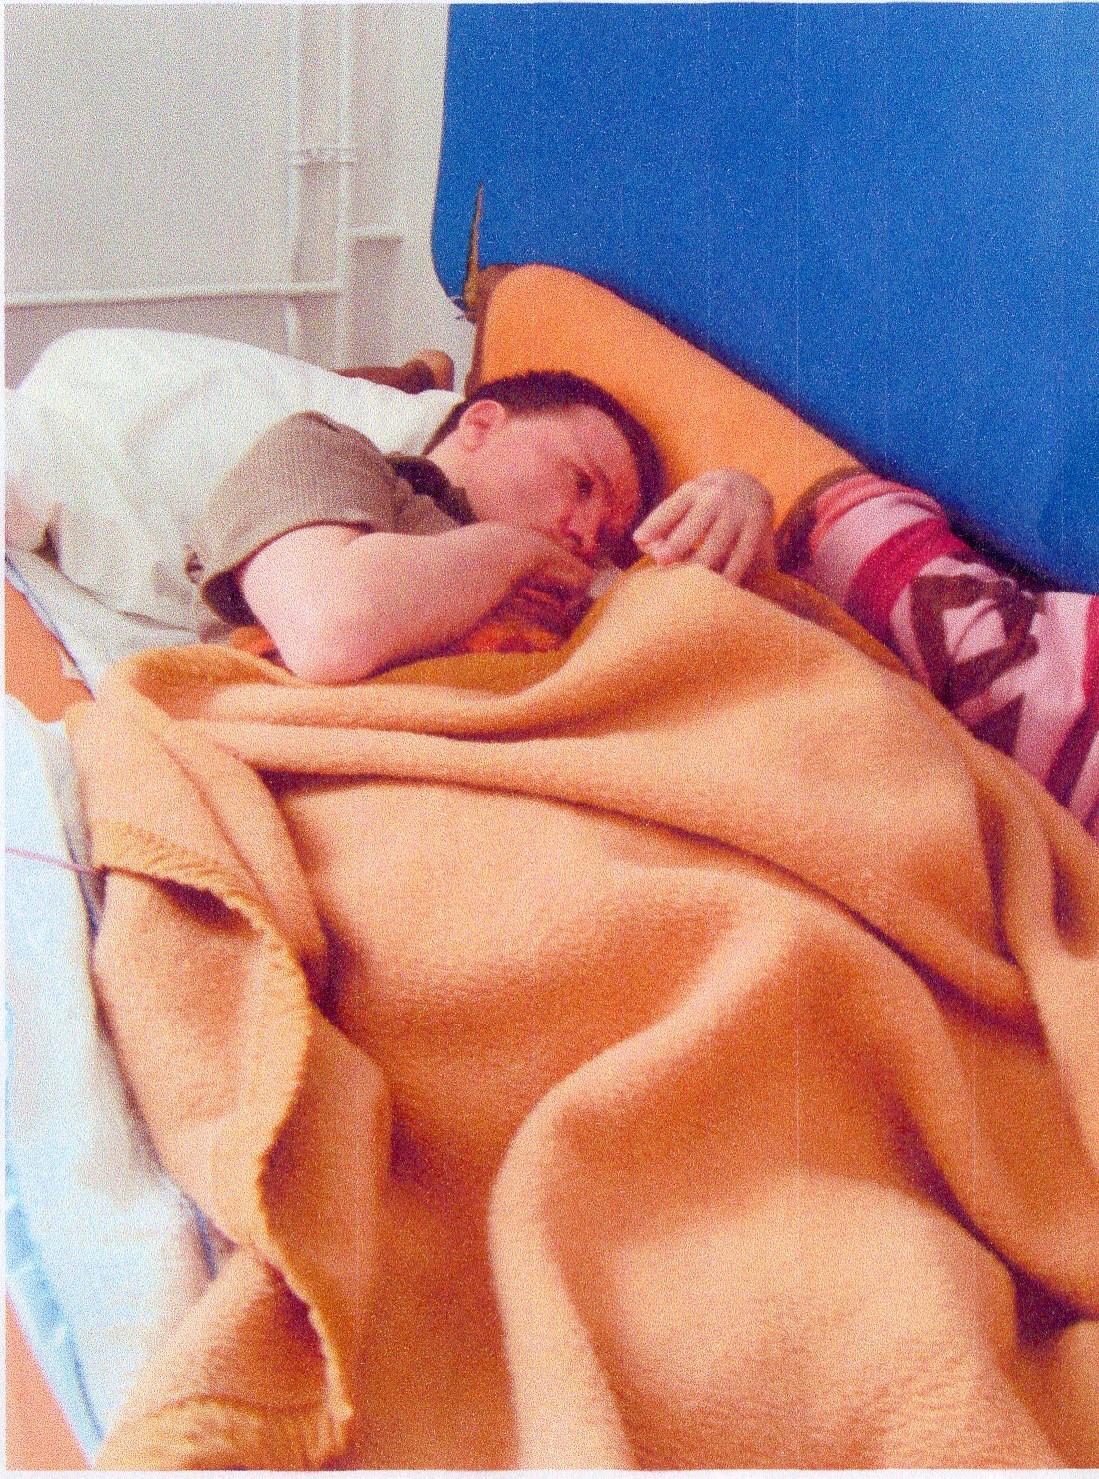 Thorsten S. lag zehn Jahre als Schwerstpflegefall im Krankenhaus. Foto: Privat